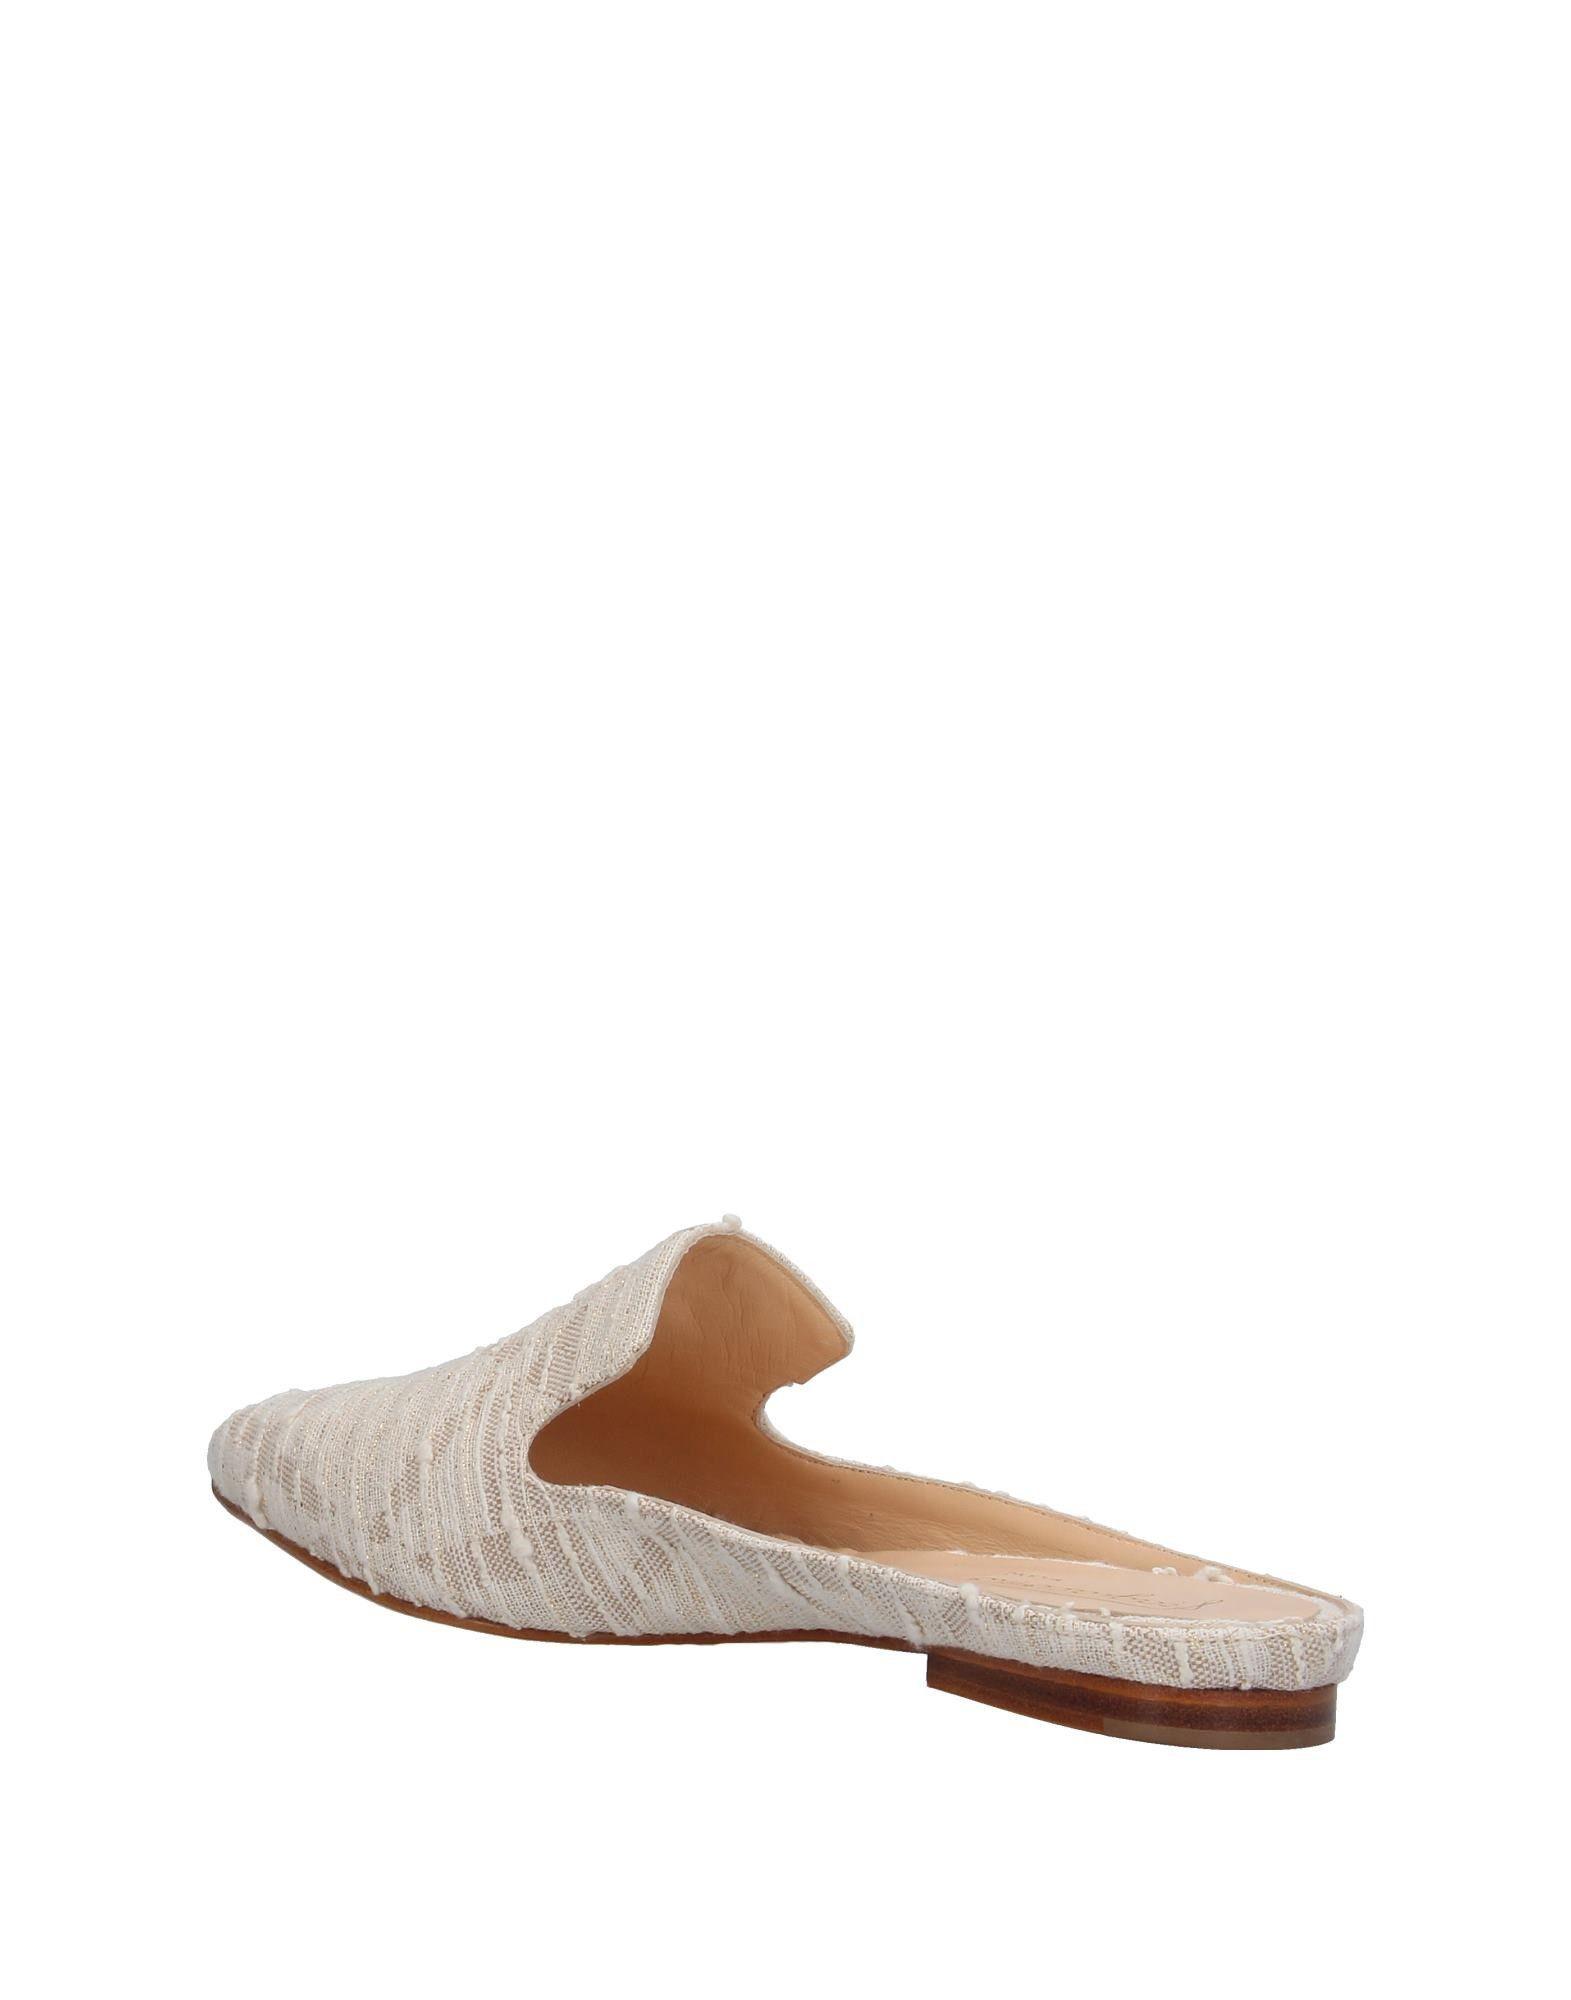 Fragiacomo Pantoletten Damen Damen Damen 11408384XP Gute Qualität beliebte Schuhe 69472b